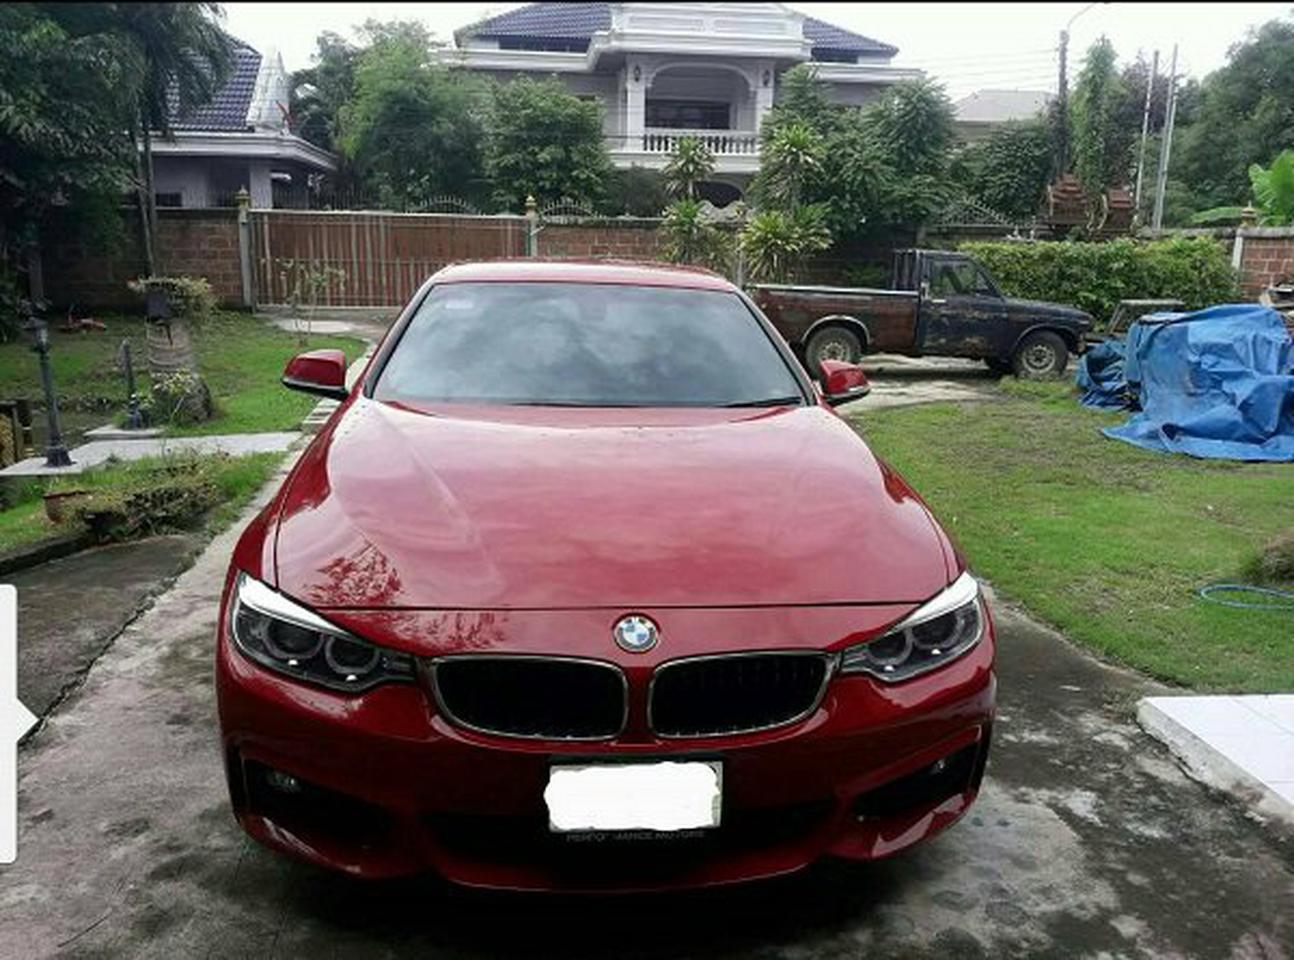 ขายรถเก๋ง BMW 420 D f32 เขตบางเขน กรุงเทพ ฯ 10230 รูปที่ 4